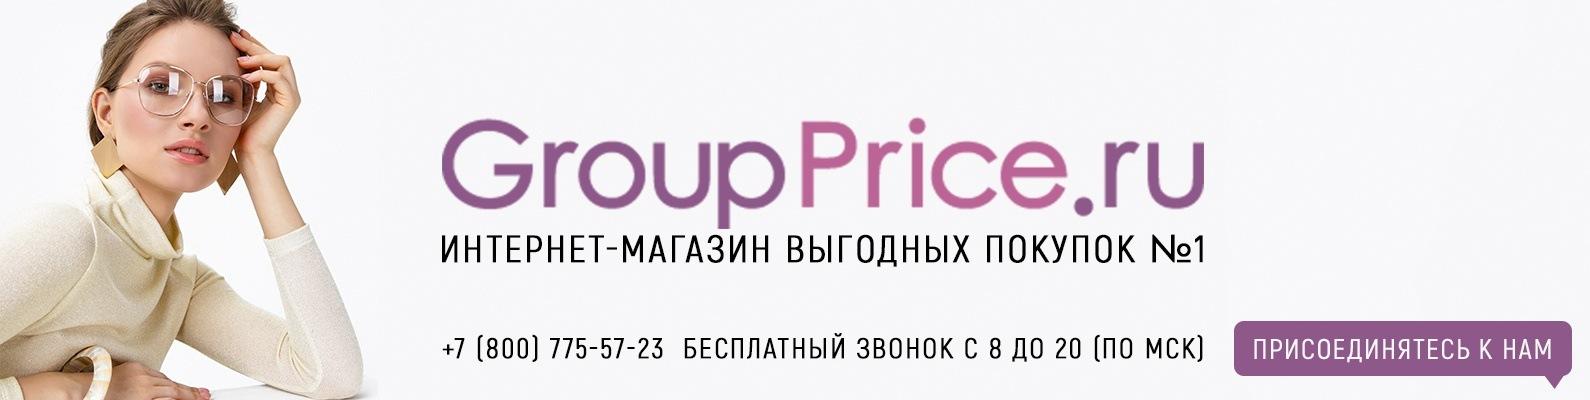 Выгодные покупки на GroupPrice.ru  de99ed82291a9